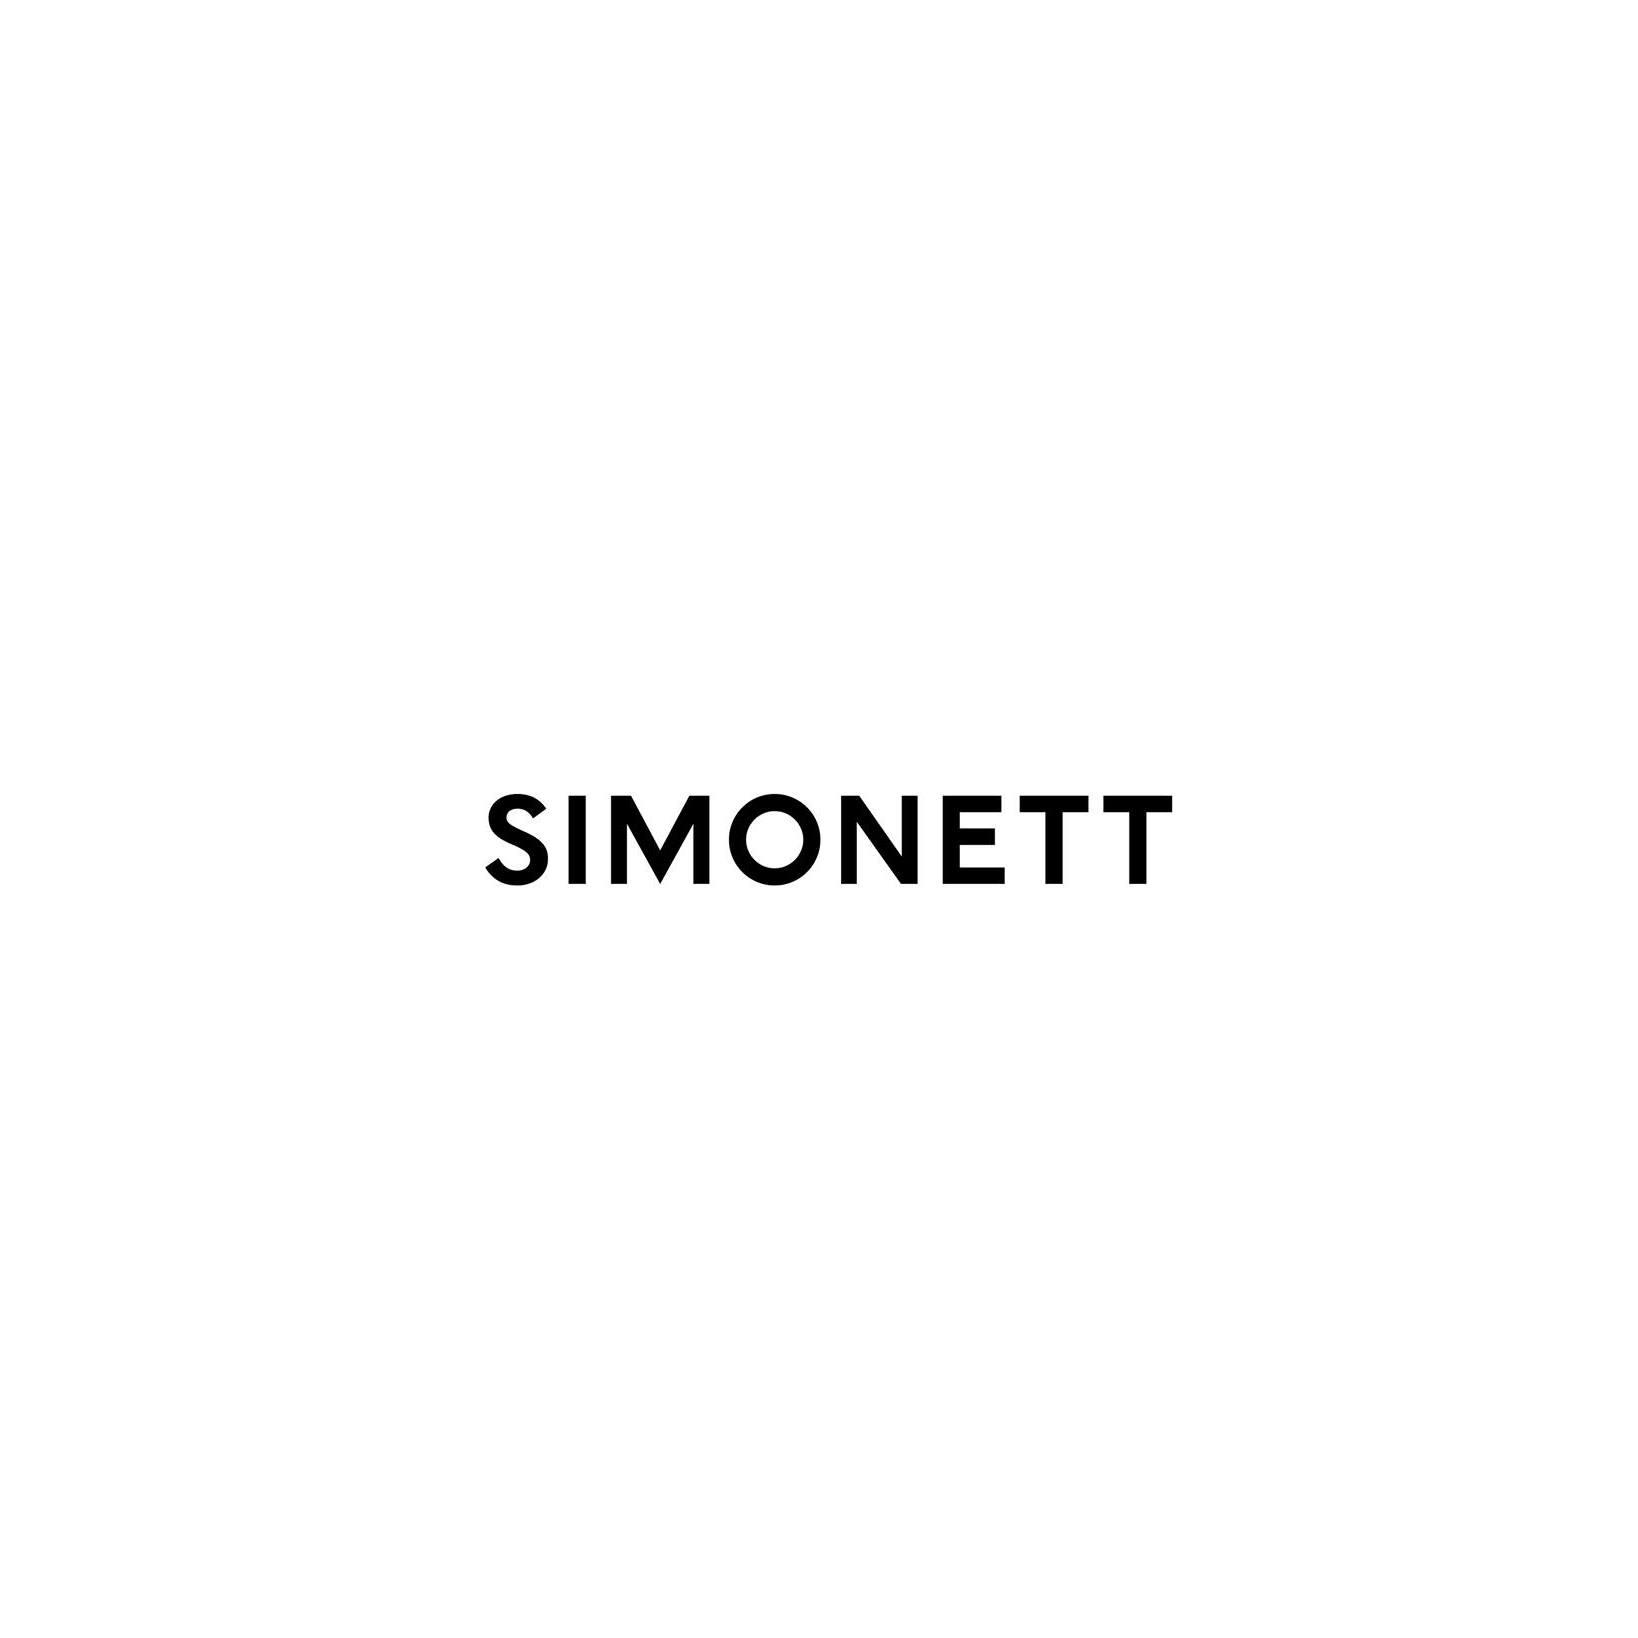 Simonett – Sustainable unique Latin clothing